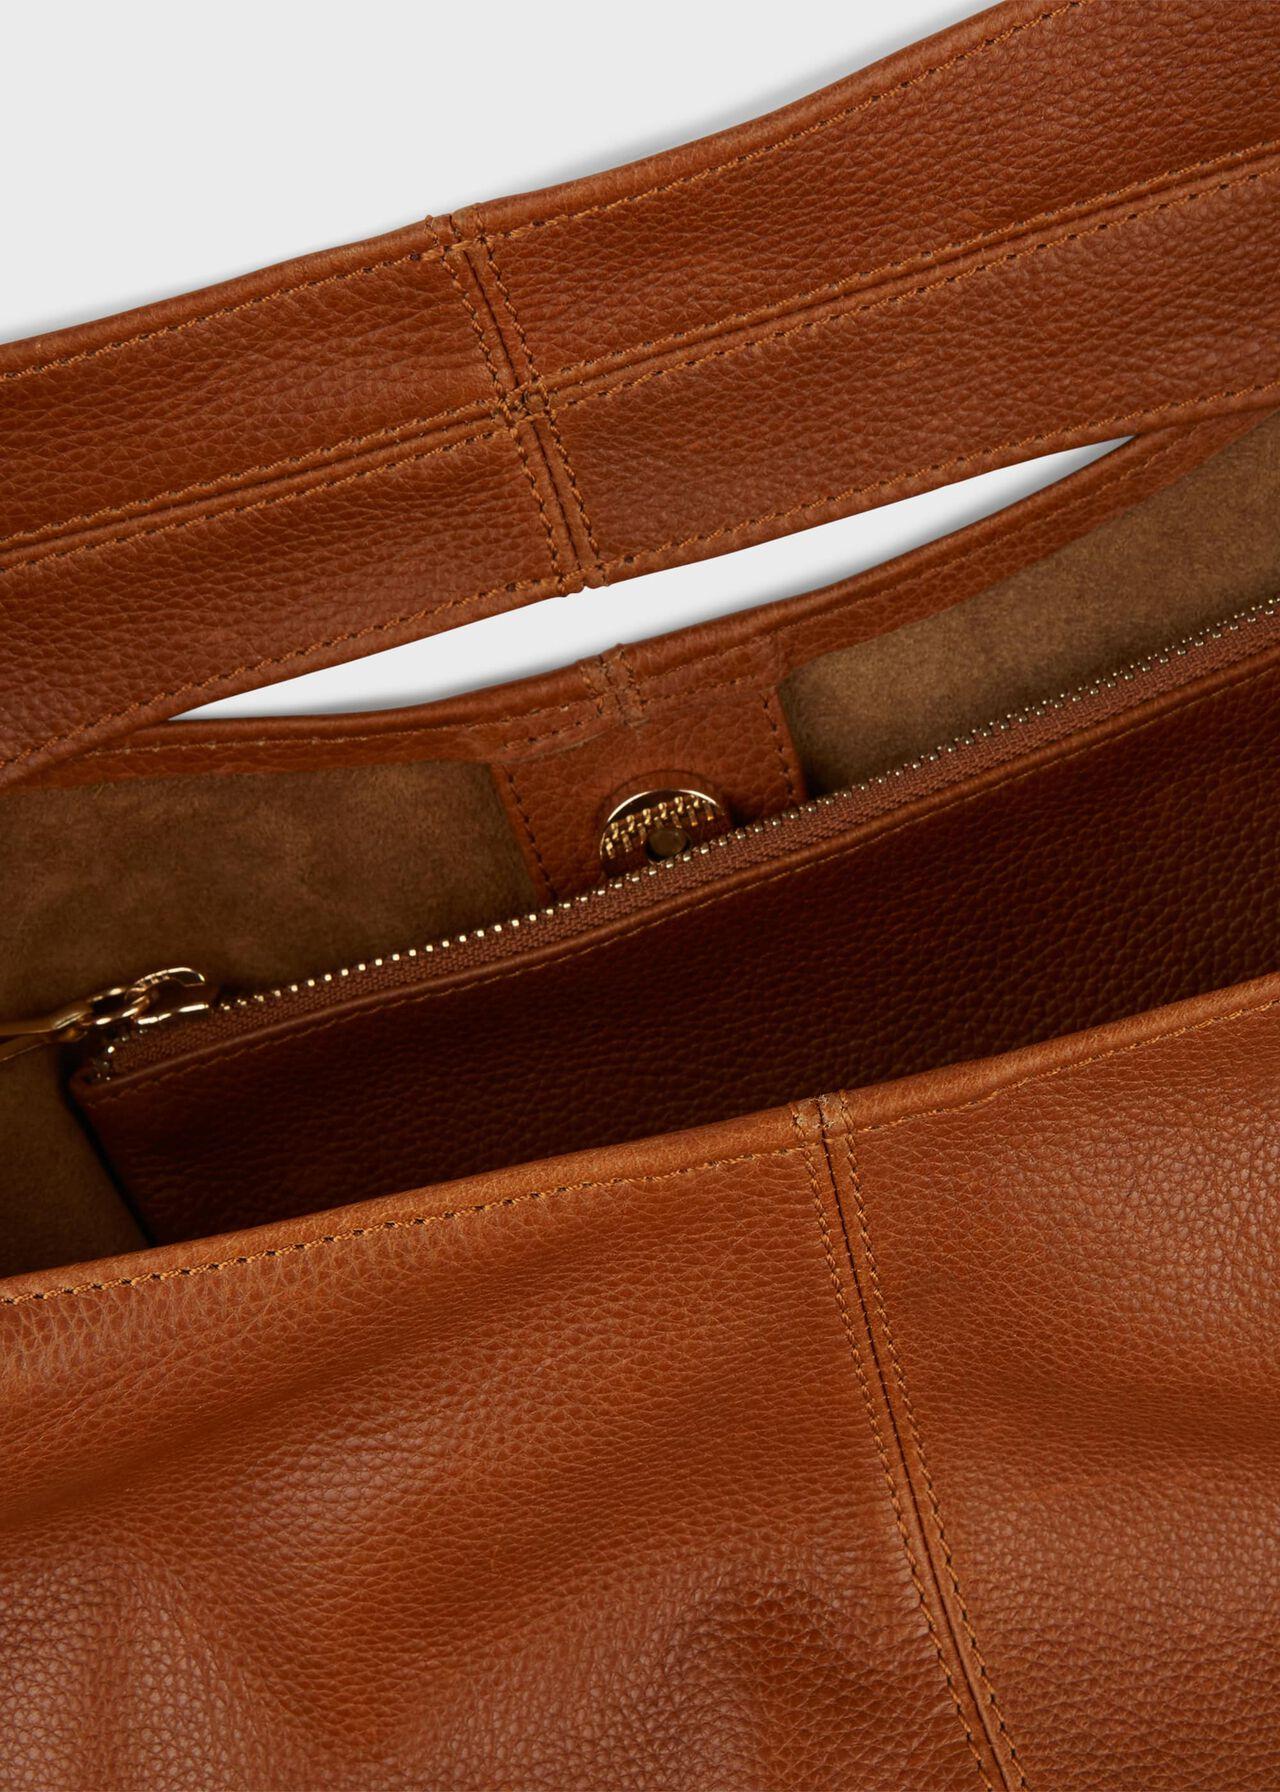 Lula Leather Hobo Bag, Tan, hi-res